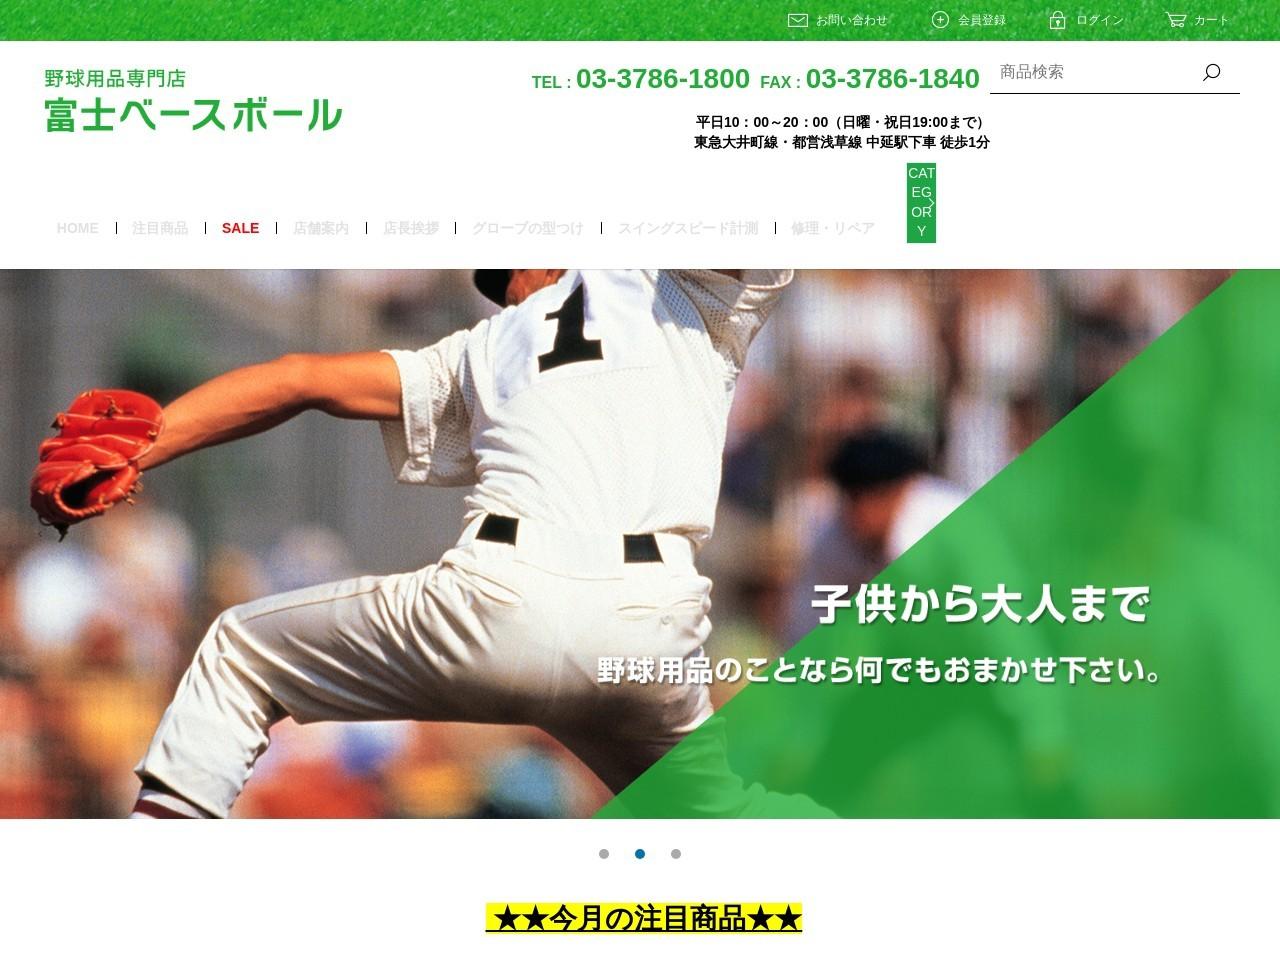 富士ベースボール野球専門店